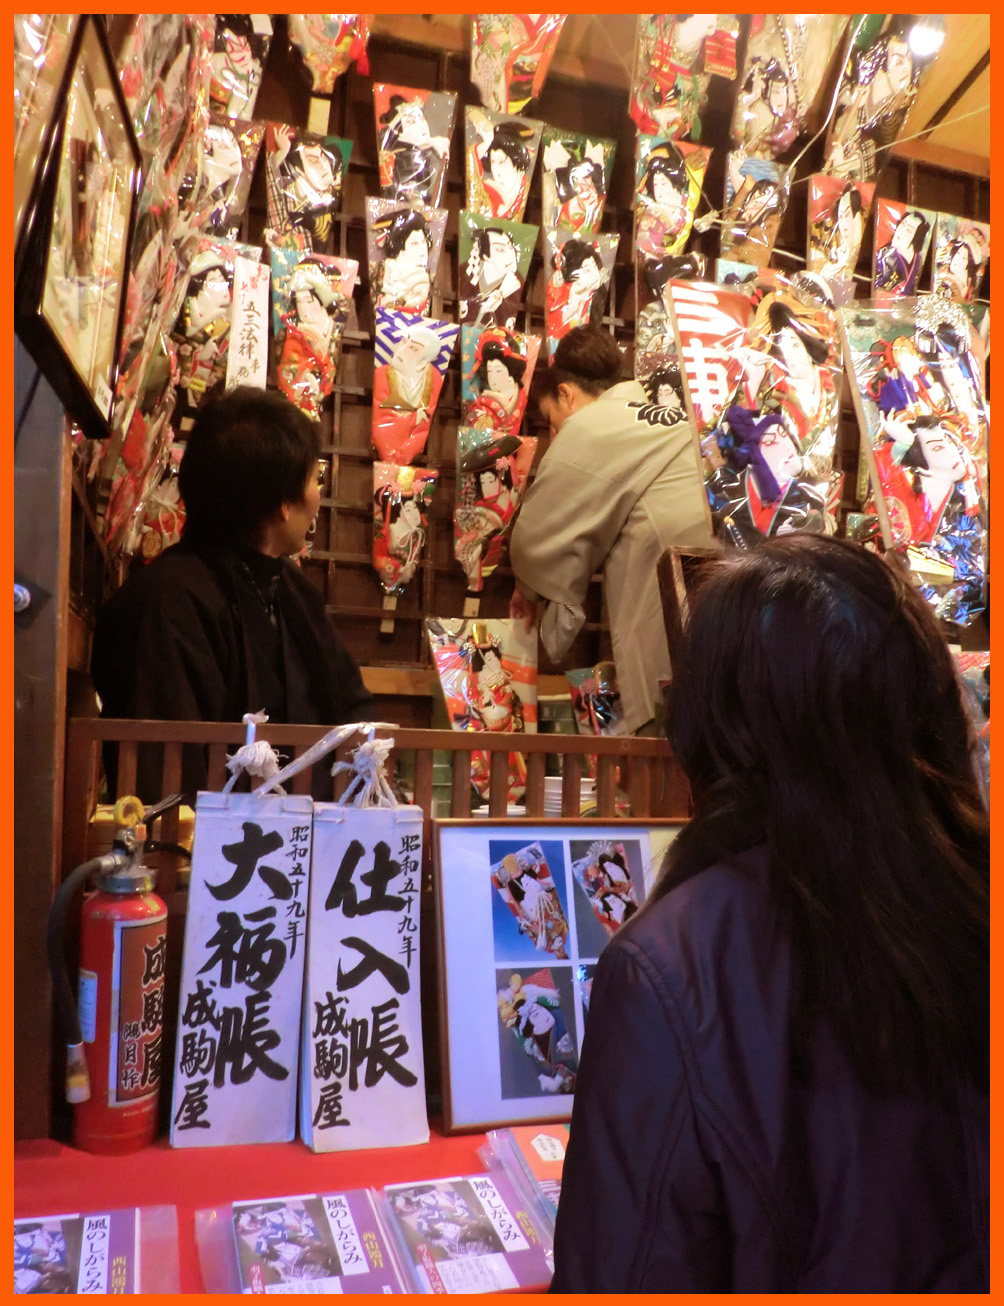 浅草寺・羽子板市へ。綺麗な姫様羽子板見たよ。_e0236072_19122267.jpg